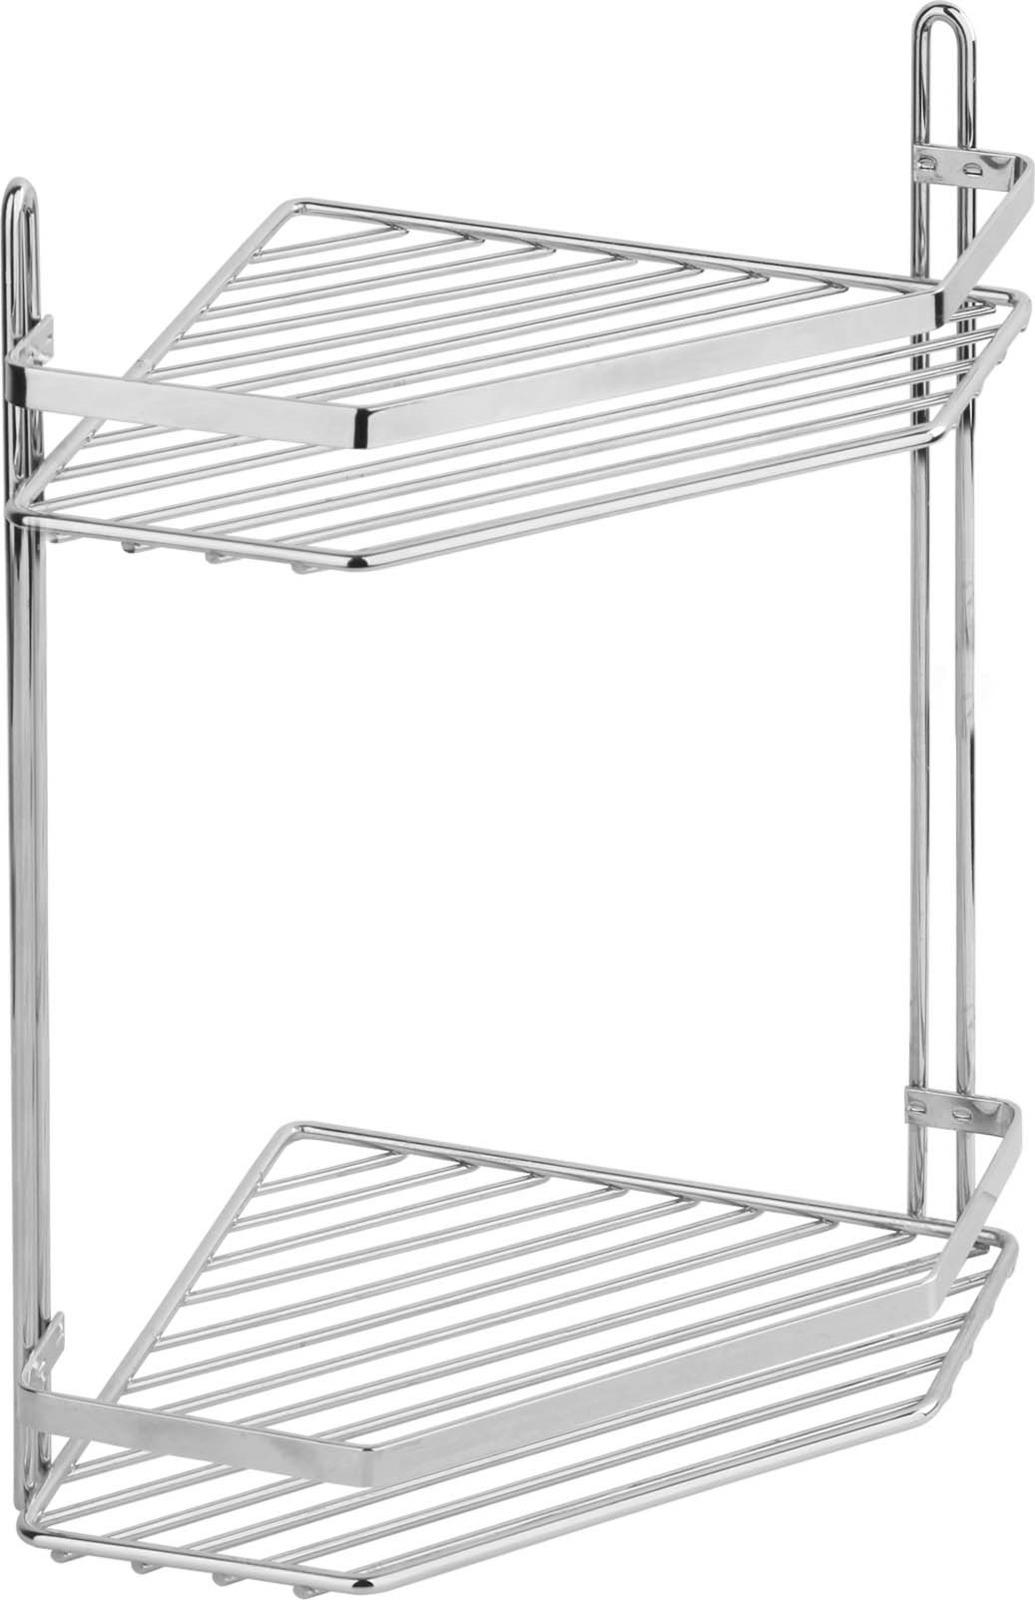 Полка для ванной комнаты Fora Corsa, KOR-628, серебристый полка для ванной комнаты fora triumf на присоске t033 серебристый